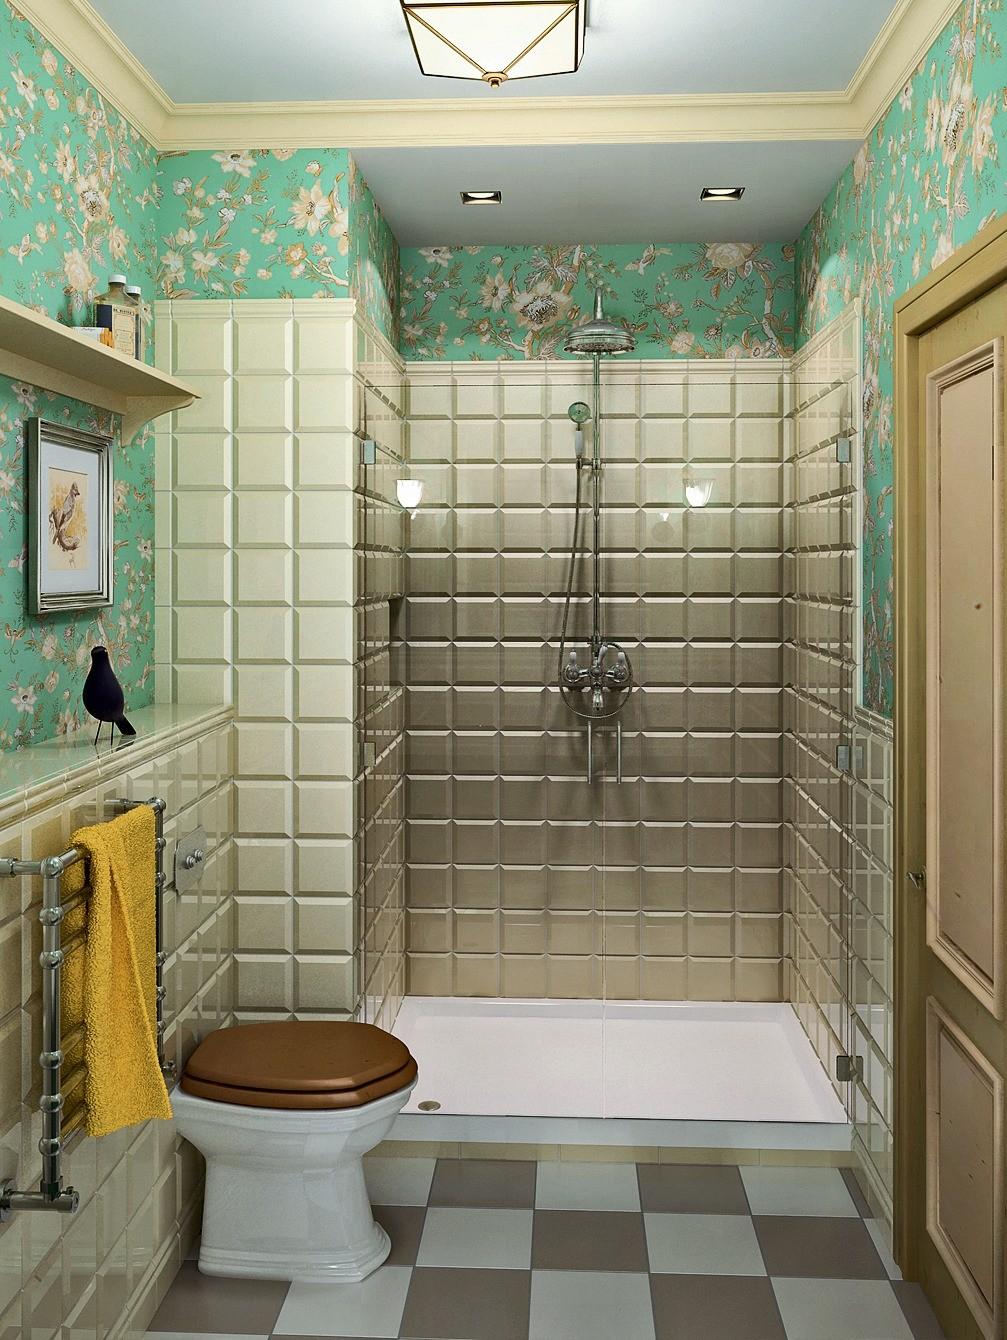 Санузлы объединяются, и появляется место для широкой тумбы со встроенной раковиной. Вместо ванны предлагается установить душевую с большим поддоном и стеклянными дверями. Кладовая ликвиди...